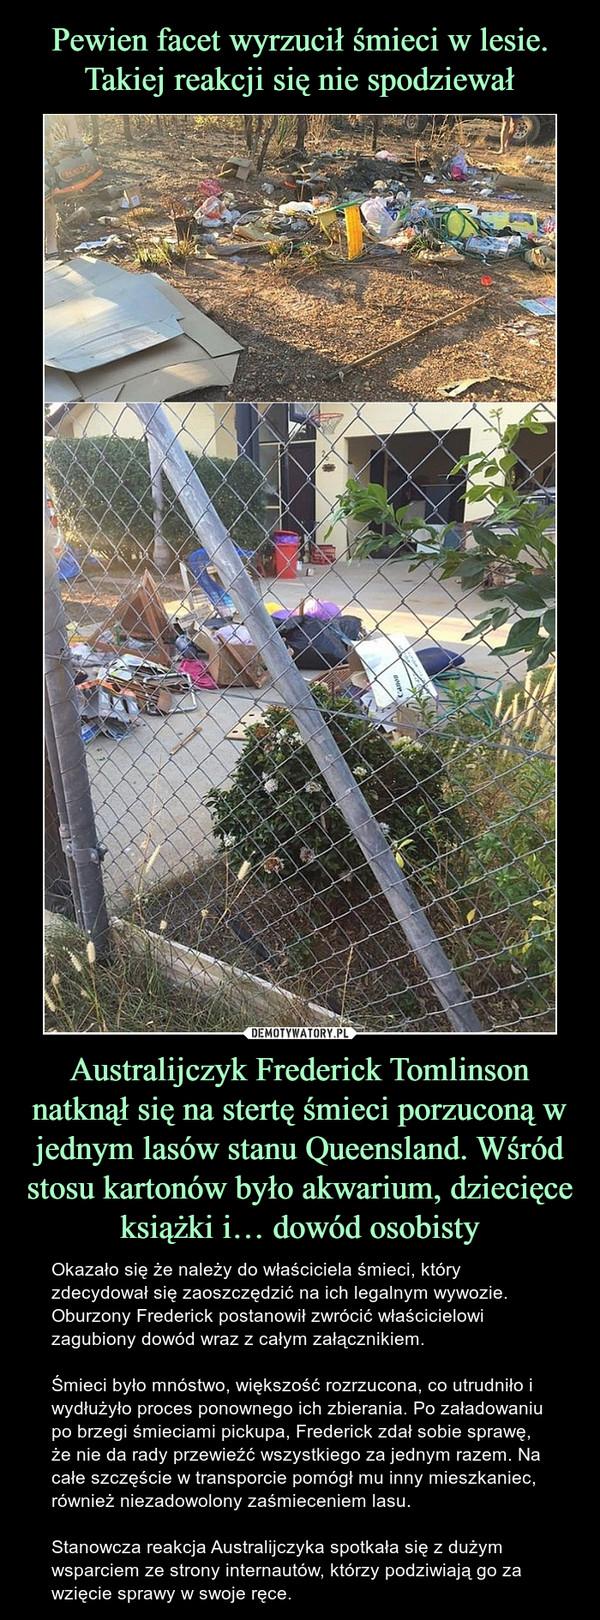 Australijczyk Frederick Tomlinson natknął się na stertę śmieci porzuconą w jednym lasów stanu Queensland. Wśród stosu kartonów było akwarium, dziecięce książki i… dowód osobisty – Okazało się że należy do właściciela śmieci, który zdecydował się zaoszczędzić na ich legalnym wywozie.  Oburzony Frederick postanowił zwrócić właścicielowi zagubiony dowód wraz z całym załącznikiem.Śmieci było mnóstwo, większość rozrzucona, co utrudniło i wydłużyło proces ponownego ich zbierania. Po załadowaniu po brzegi śmieciami pickupa, Frederick zdał sobie sprawę, że nie da rady przewieźć wszystkiego za jednym razem. Na całe szczęście w transporcie pomógł mu inny mieszkaniec, również niezadowolony zaśmieceniem lasu.Stanowcza reakcja Australijczyka spotkała się z dużym wsparciem ze strony internautów, którzy podziwiają go za wzięcie sprawy w swoje ręce.